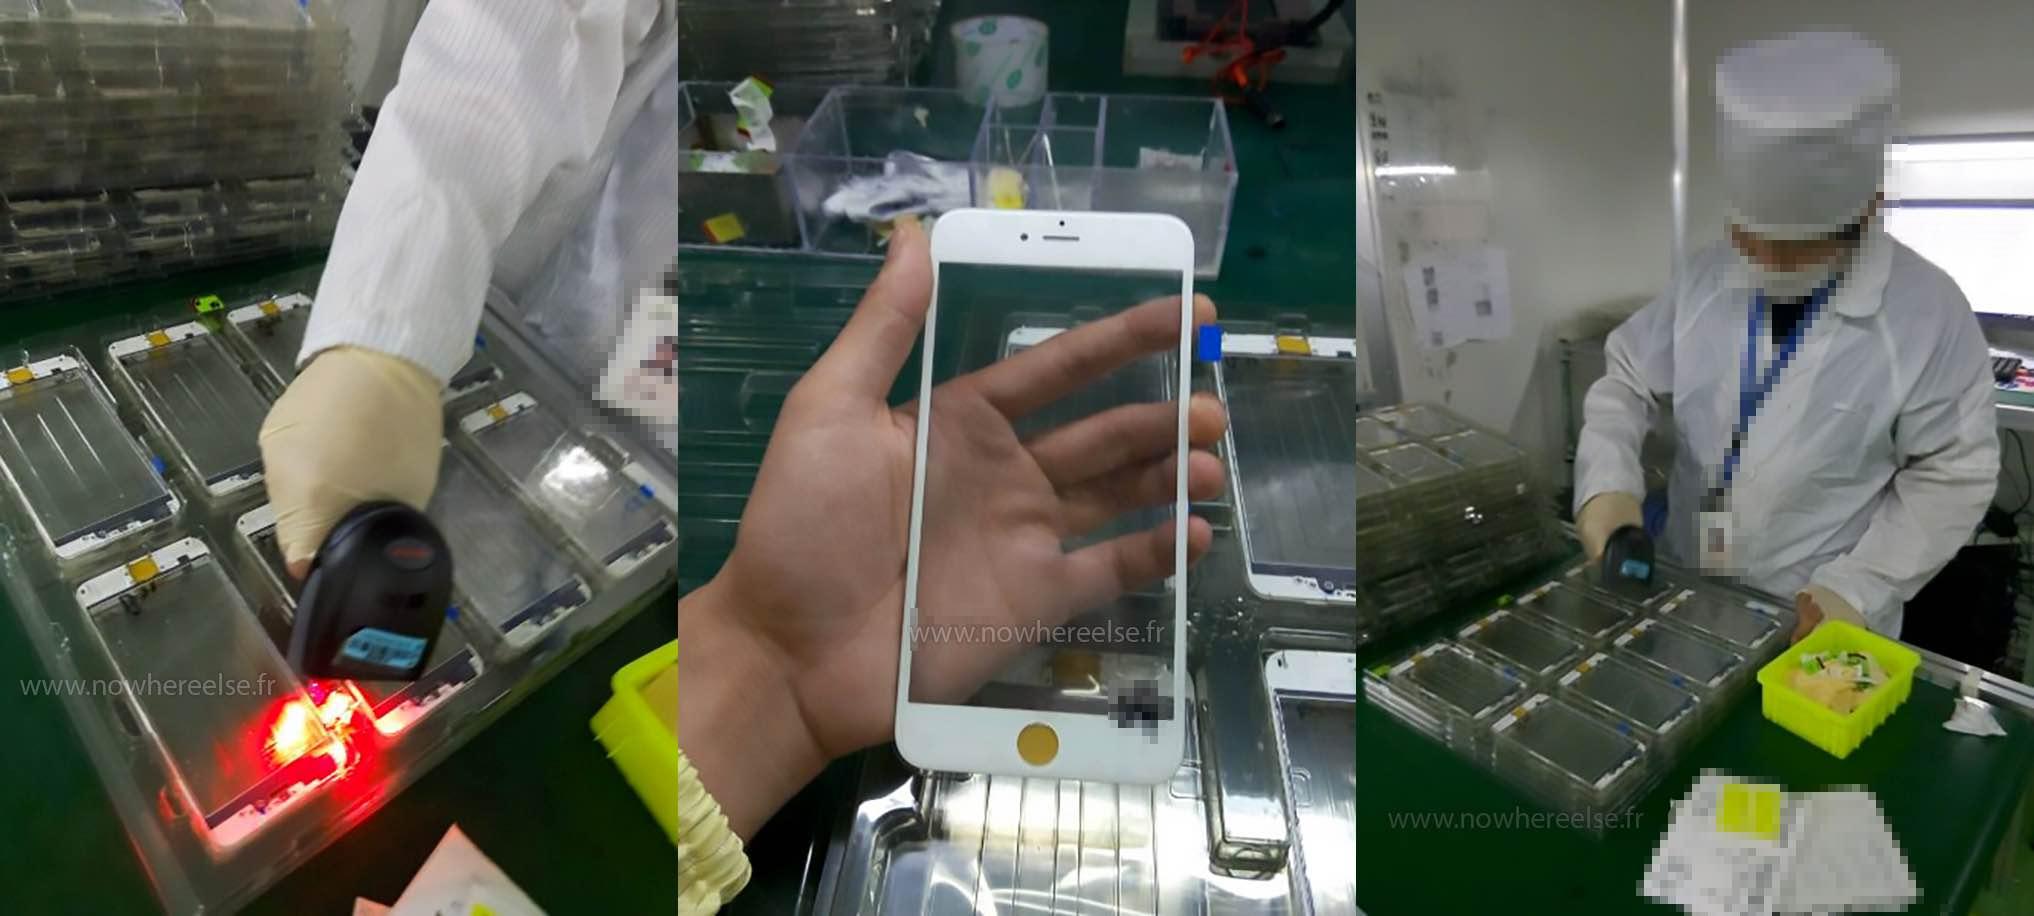 Überraschung: Leak mit ersten Bildern der iPhone 6S Front? 3